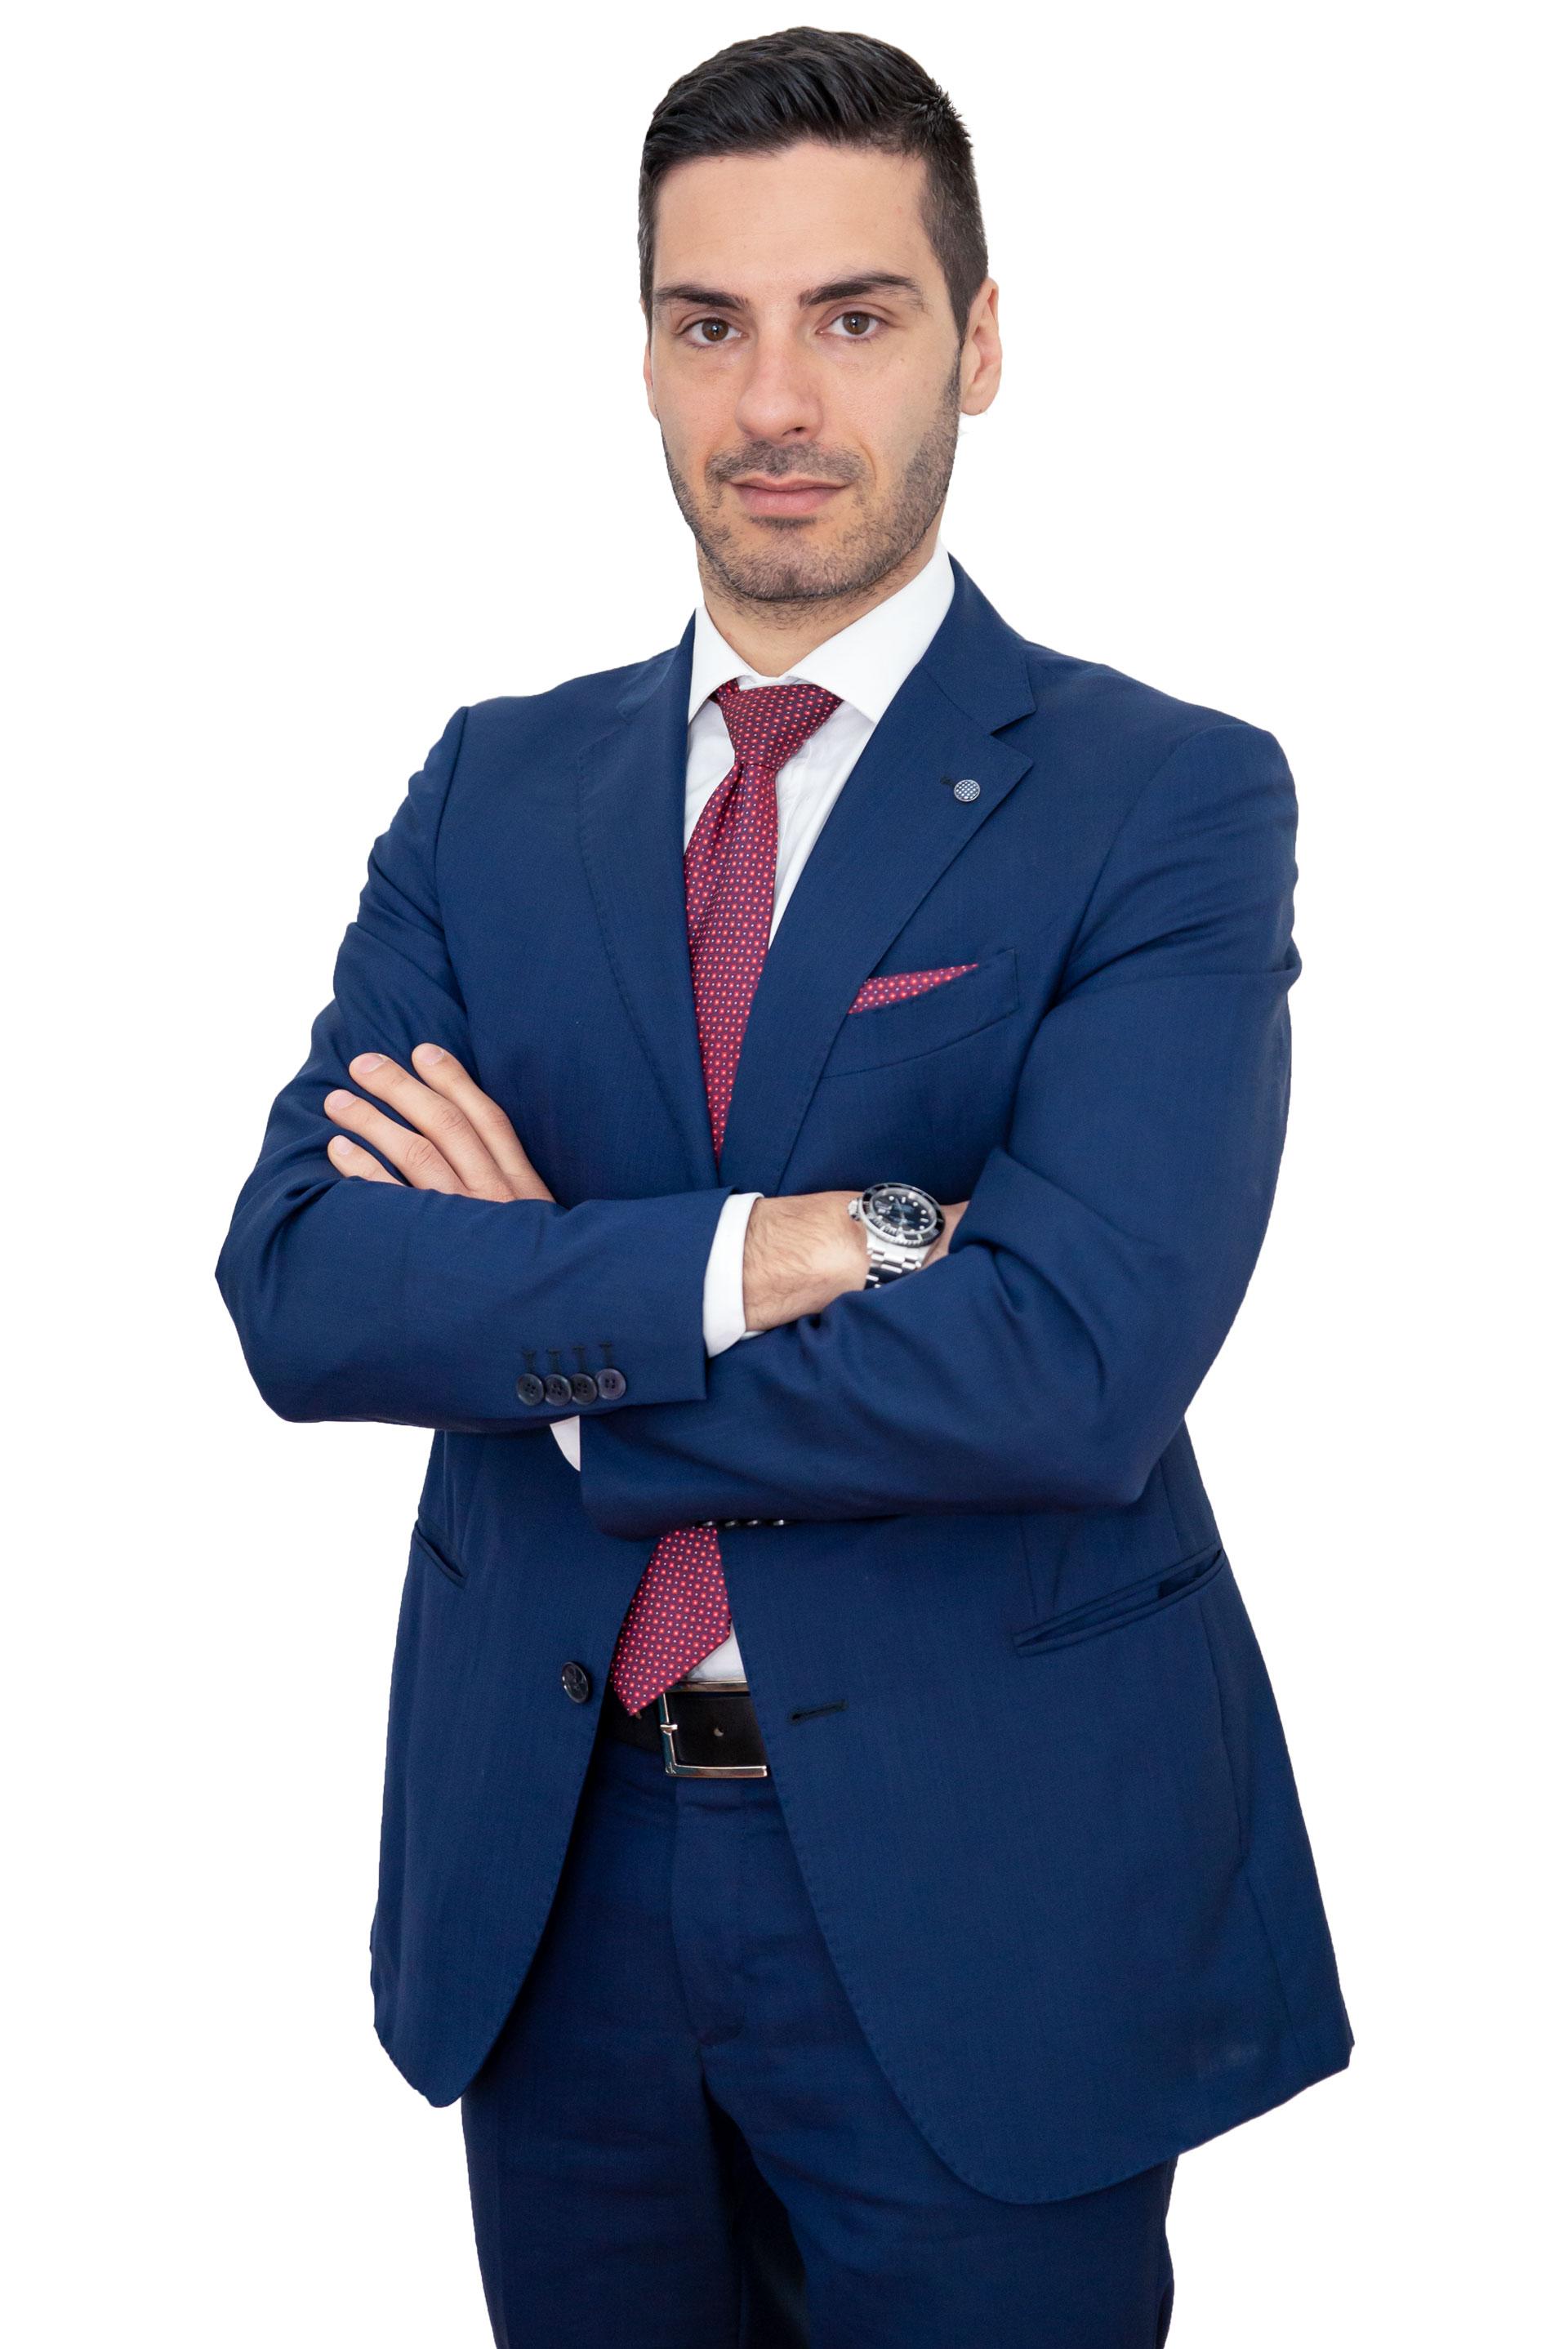 Avv.Davide-Fabrizi-Studio-Legale-Fabrizi